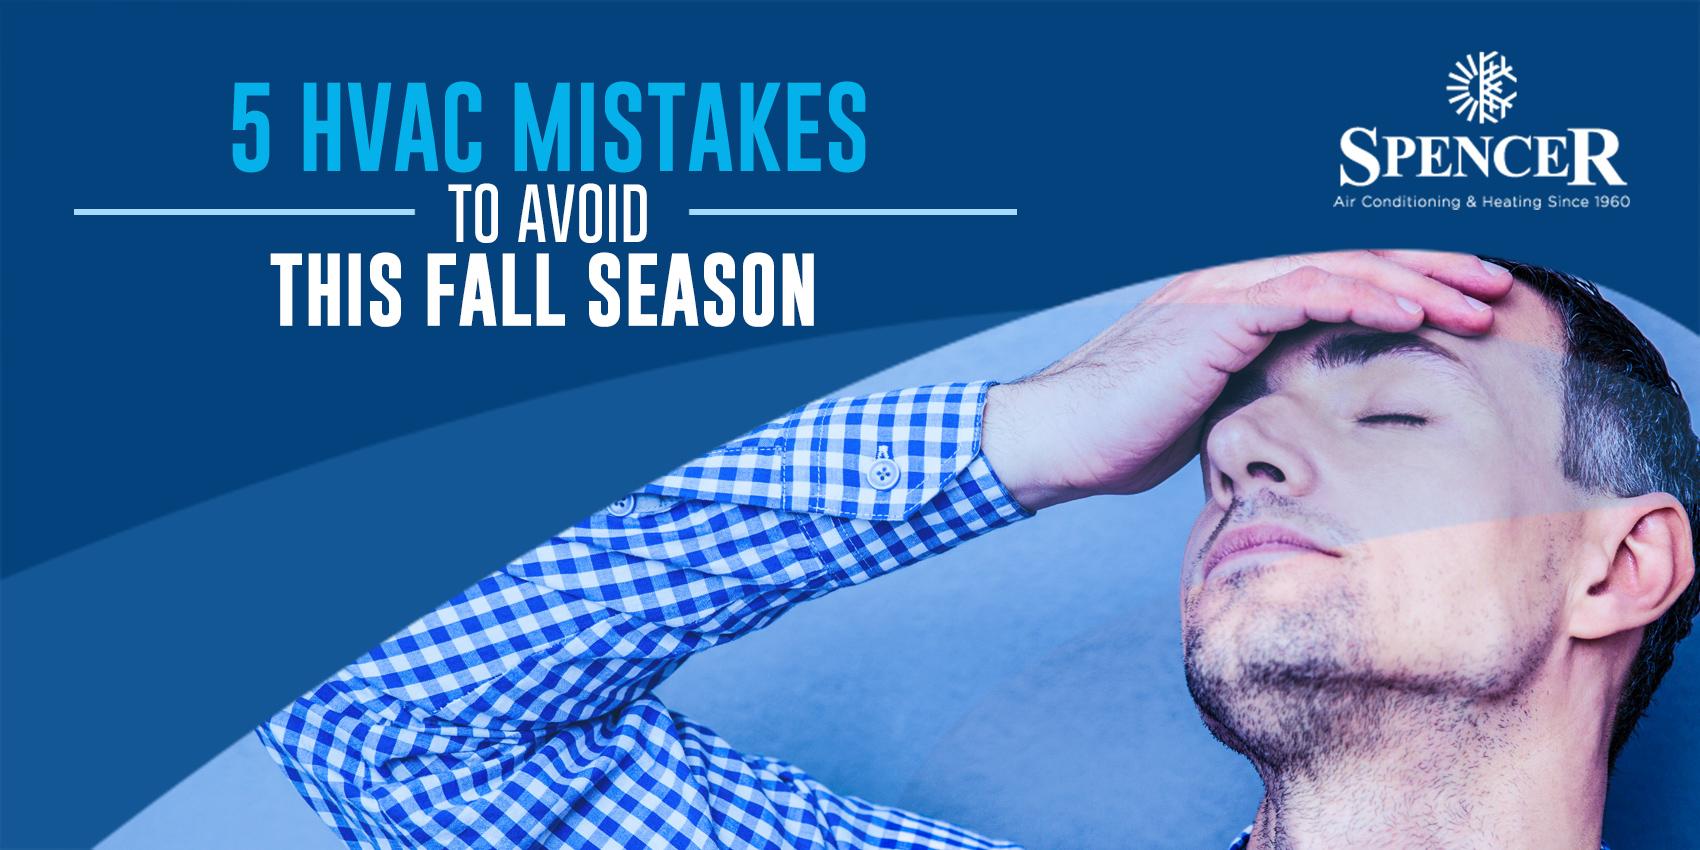 5 HVAC Mistakes to Avoid This Fall Season